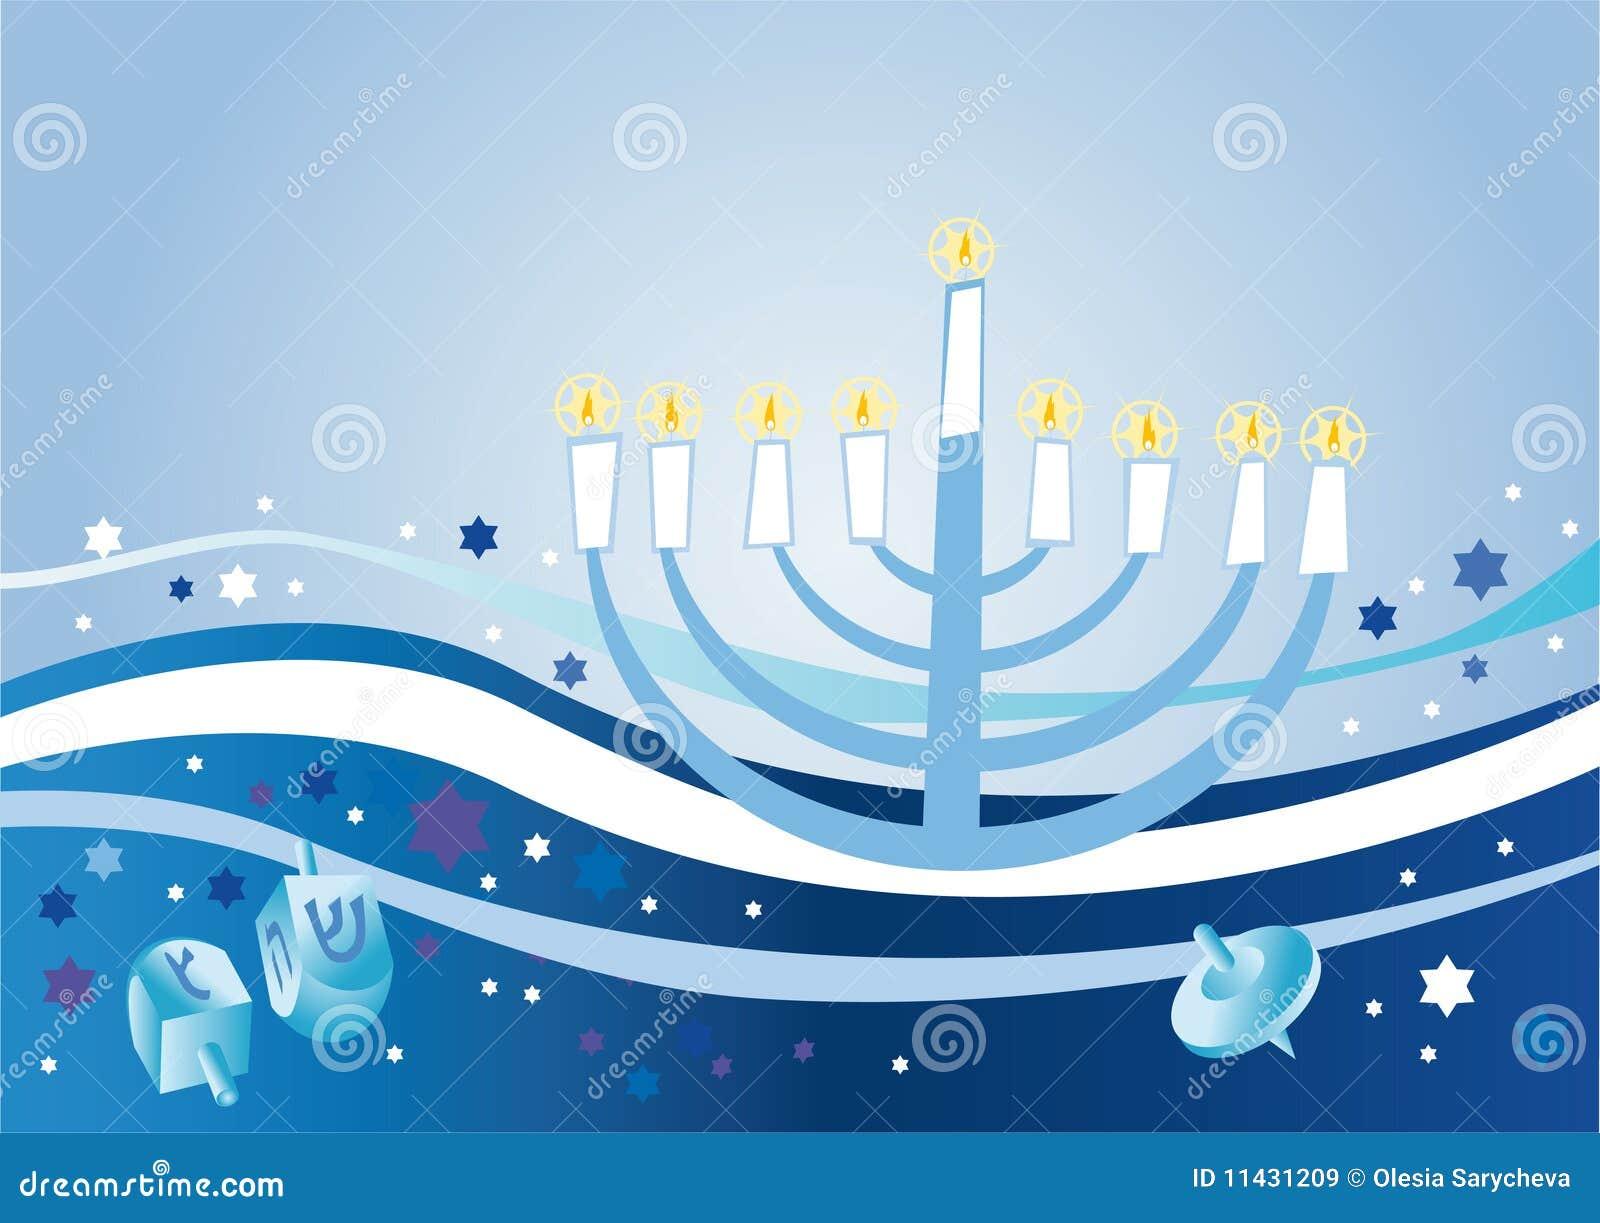 Fondo alegre al día de fiesta judío Hanukkah